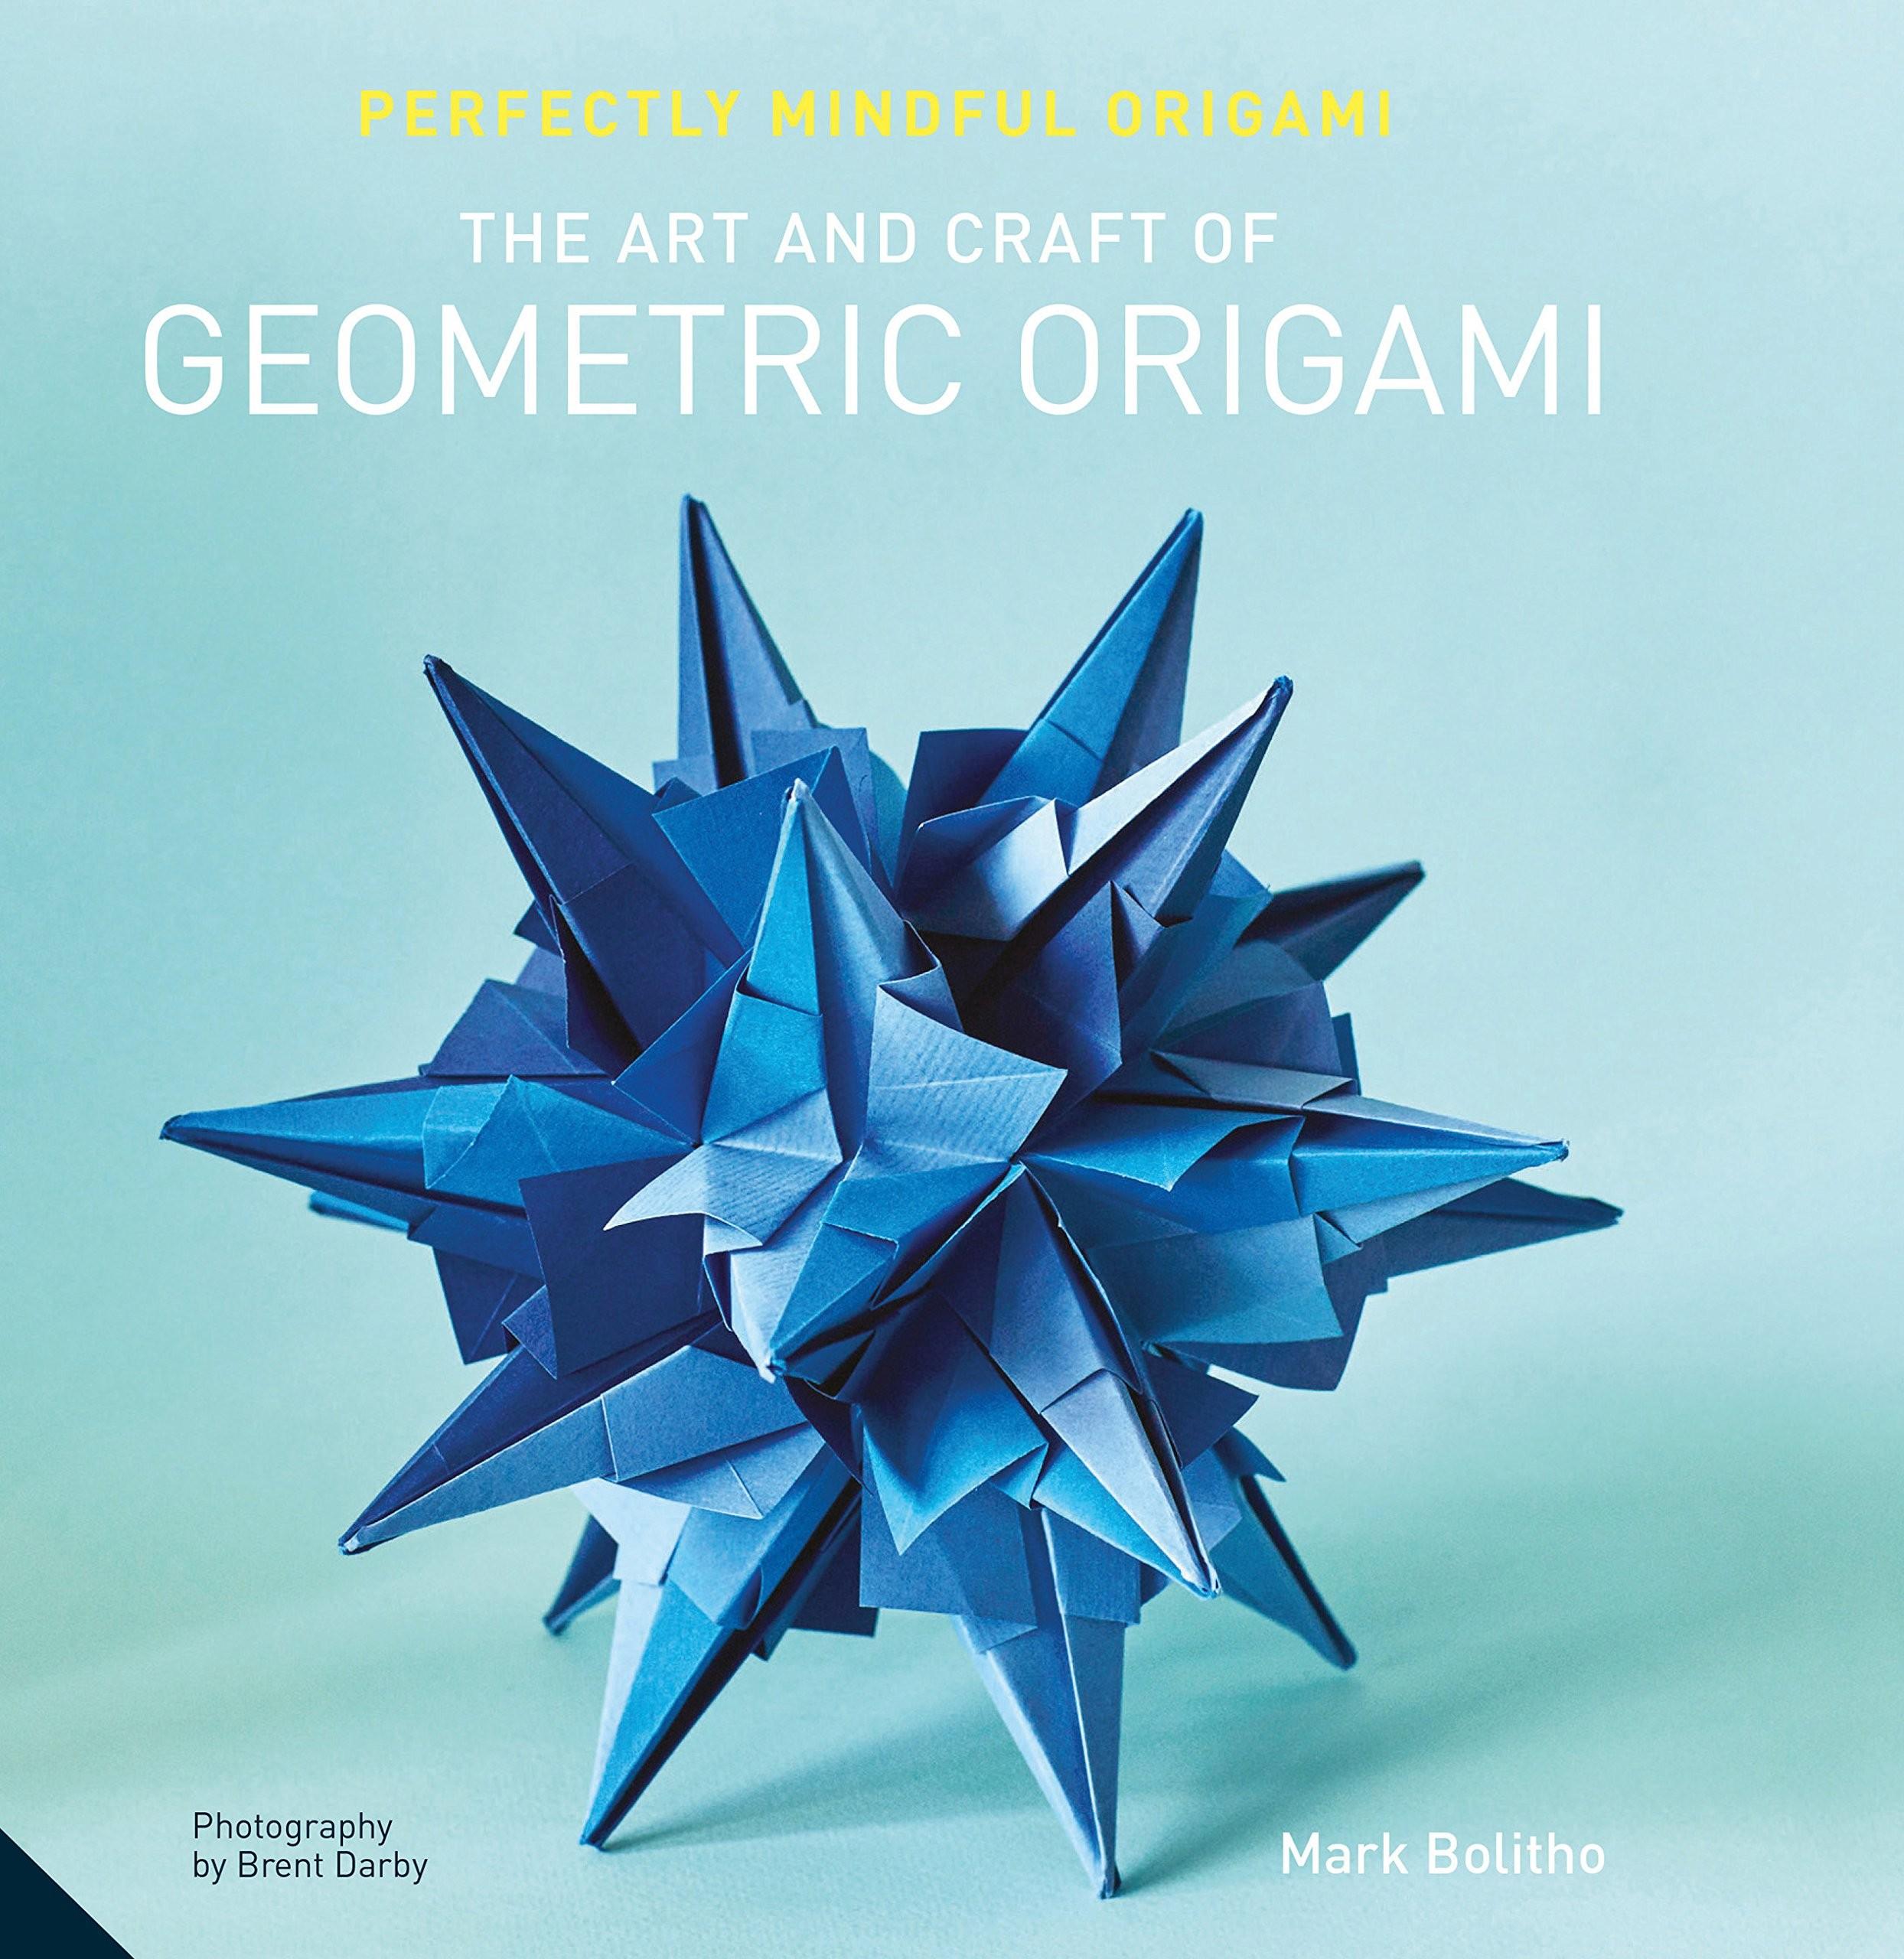 Geometrical Origami